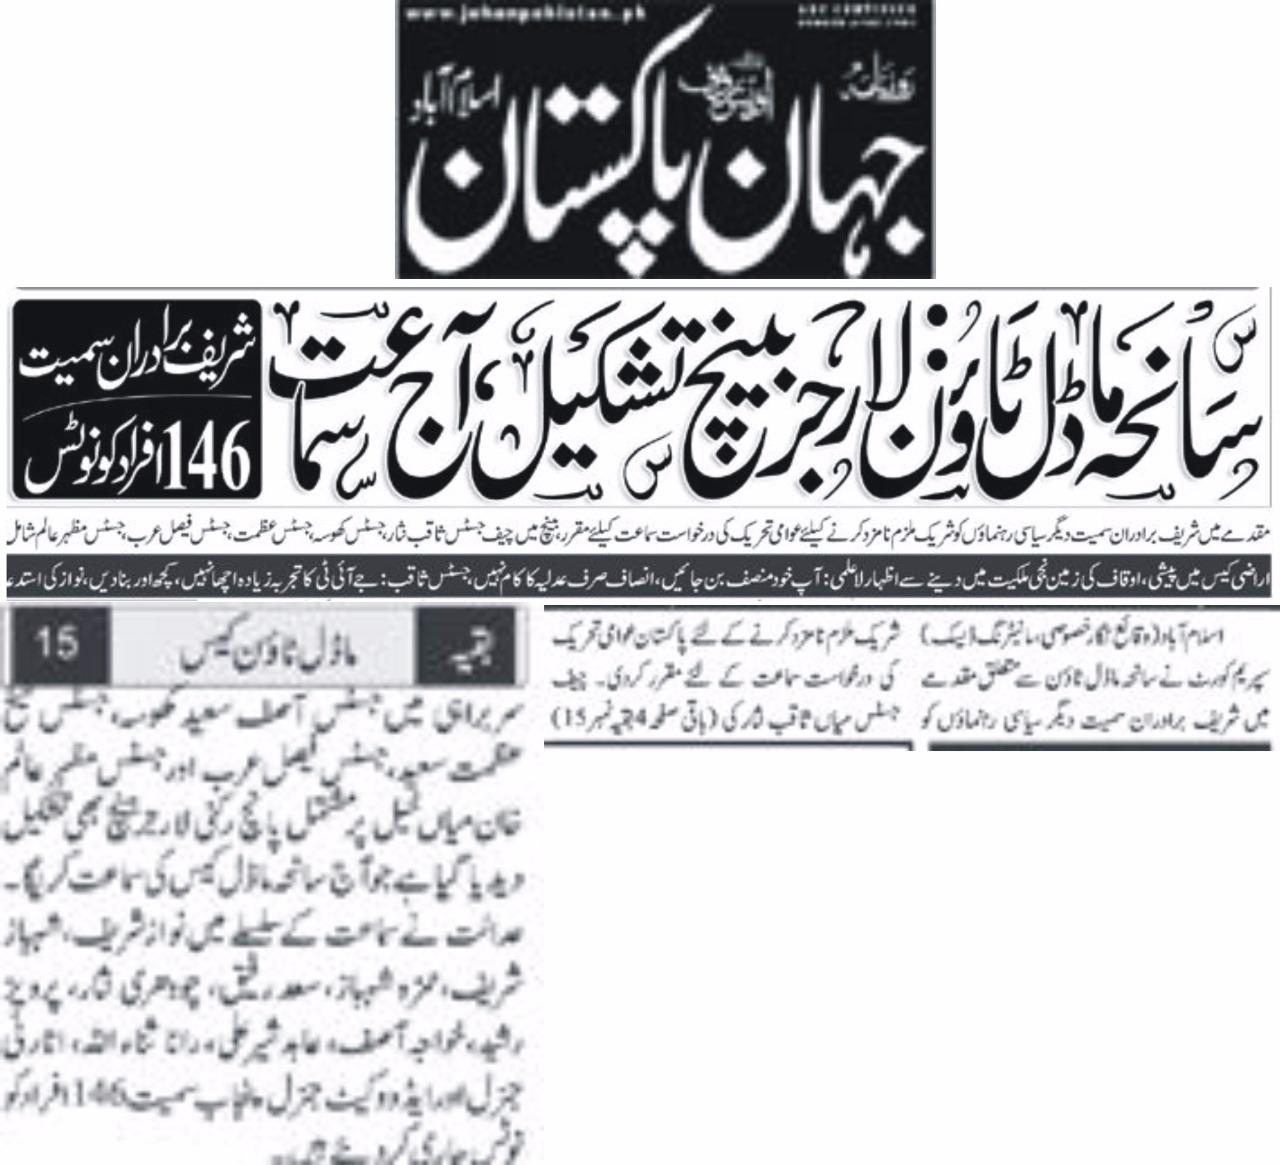 تحریک منہاج القرآن Minhaj-ul-Quran  Print Media Coverage پرنٹ میڈیا کوریج Daily Jehanpakistan Back Page